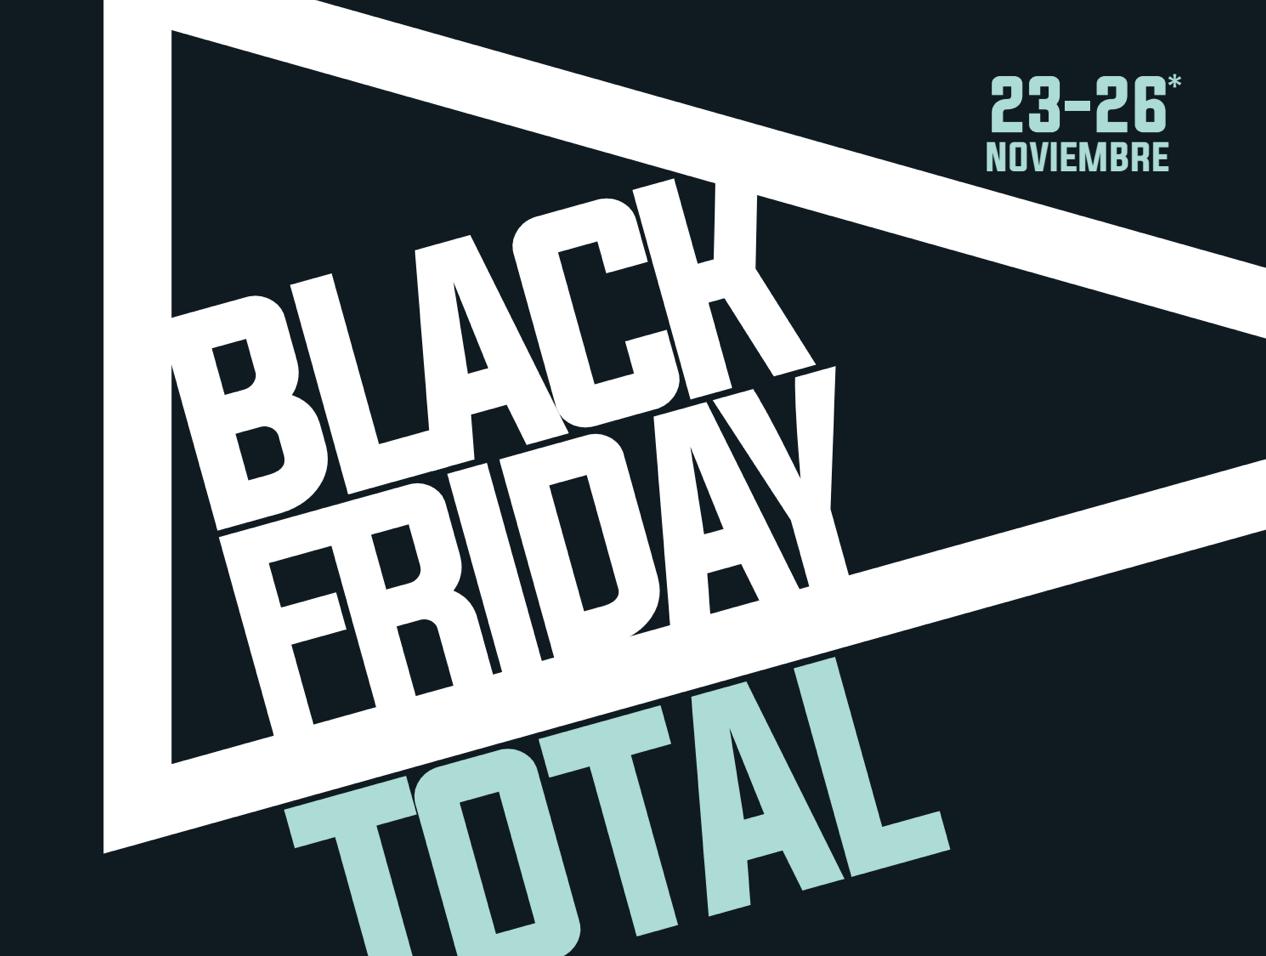 400891f32e El Corte Inglés celebra el Black Friday con ofertas únicas y descuentos de  hasta el 40%